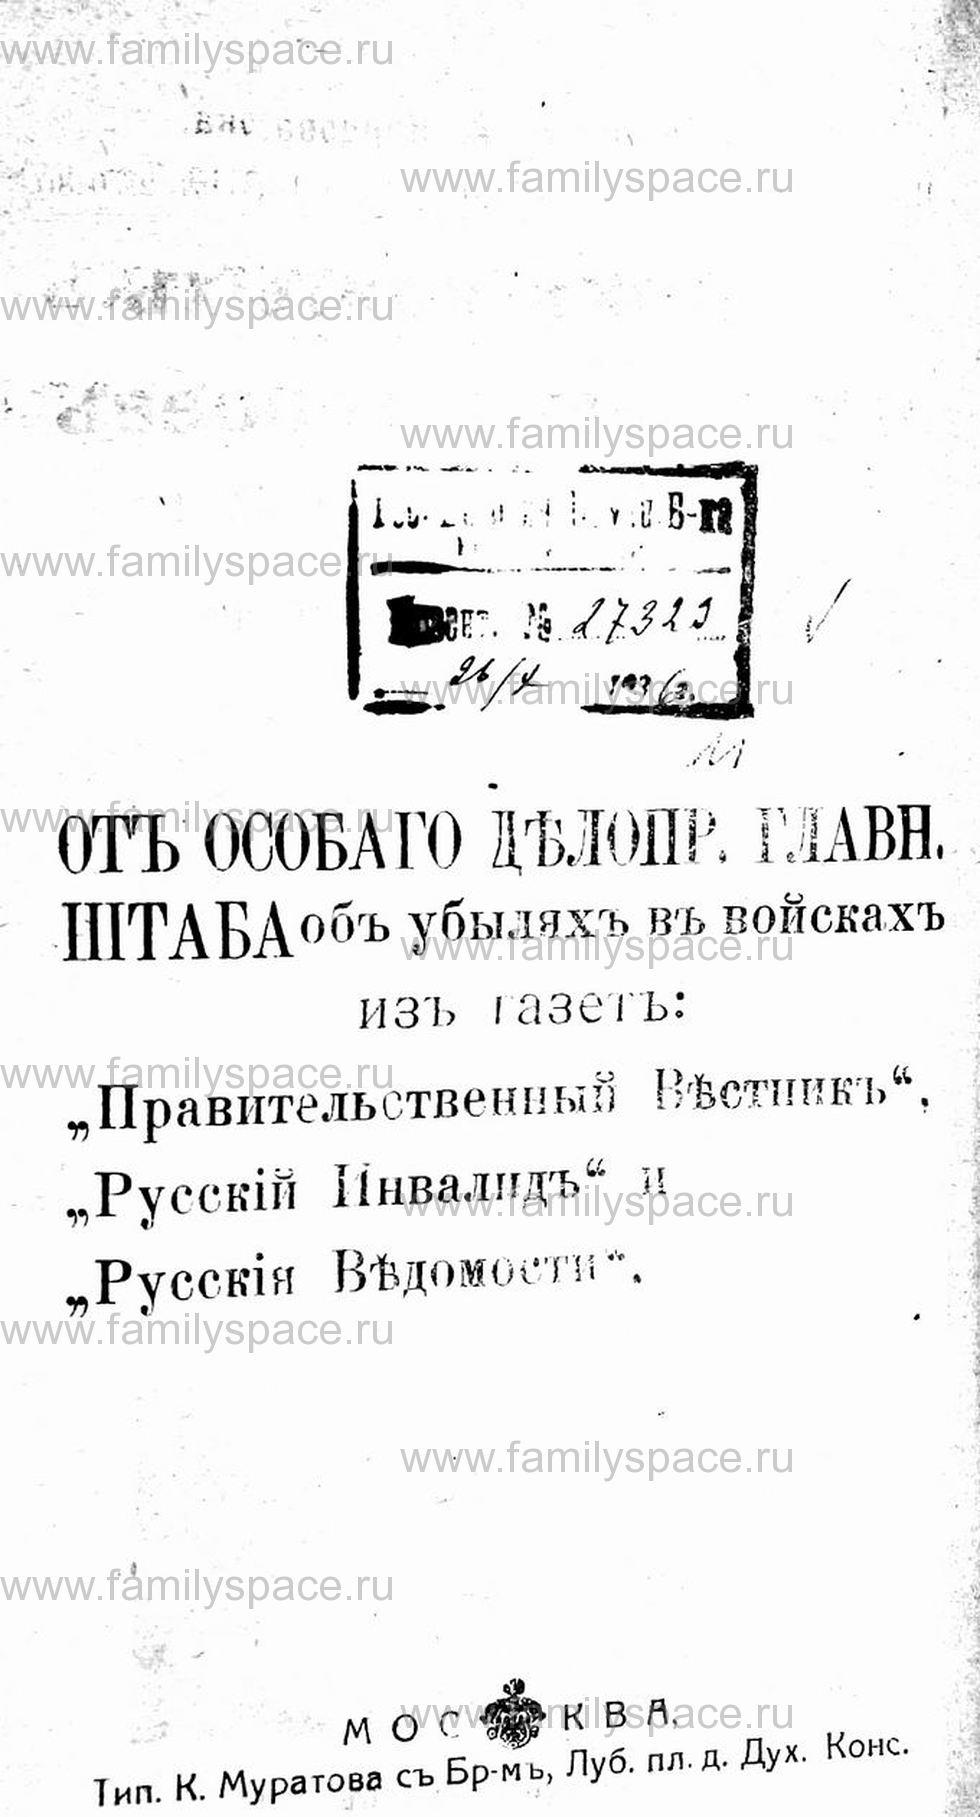 Поиск по фамилии - Первая мировая война - 1914 (списки убитых и раненых), страница 2